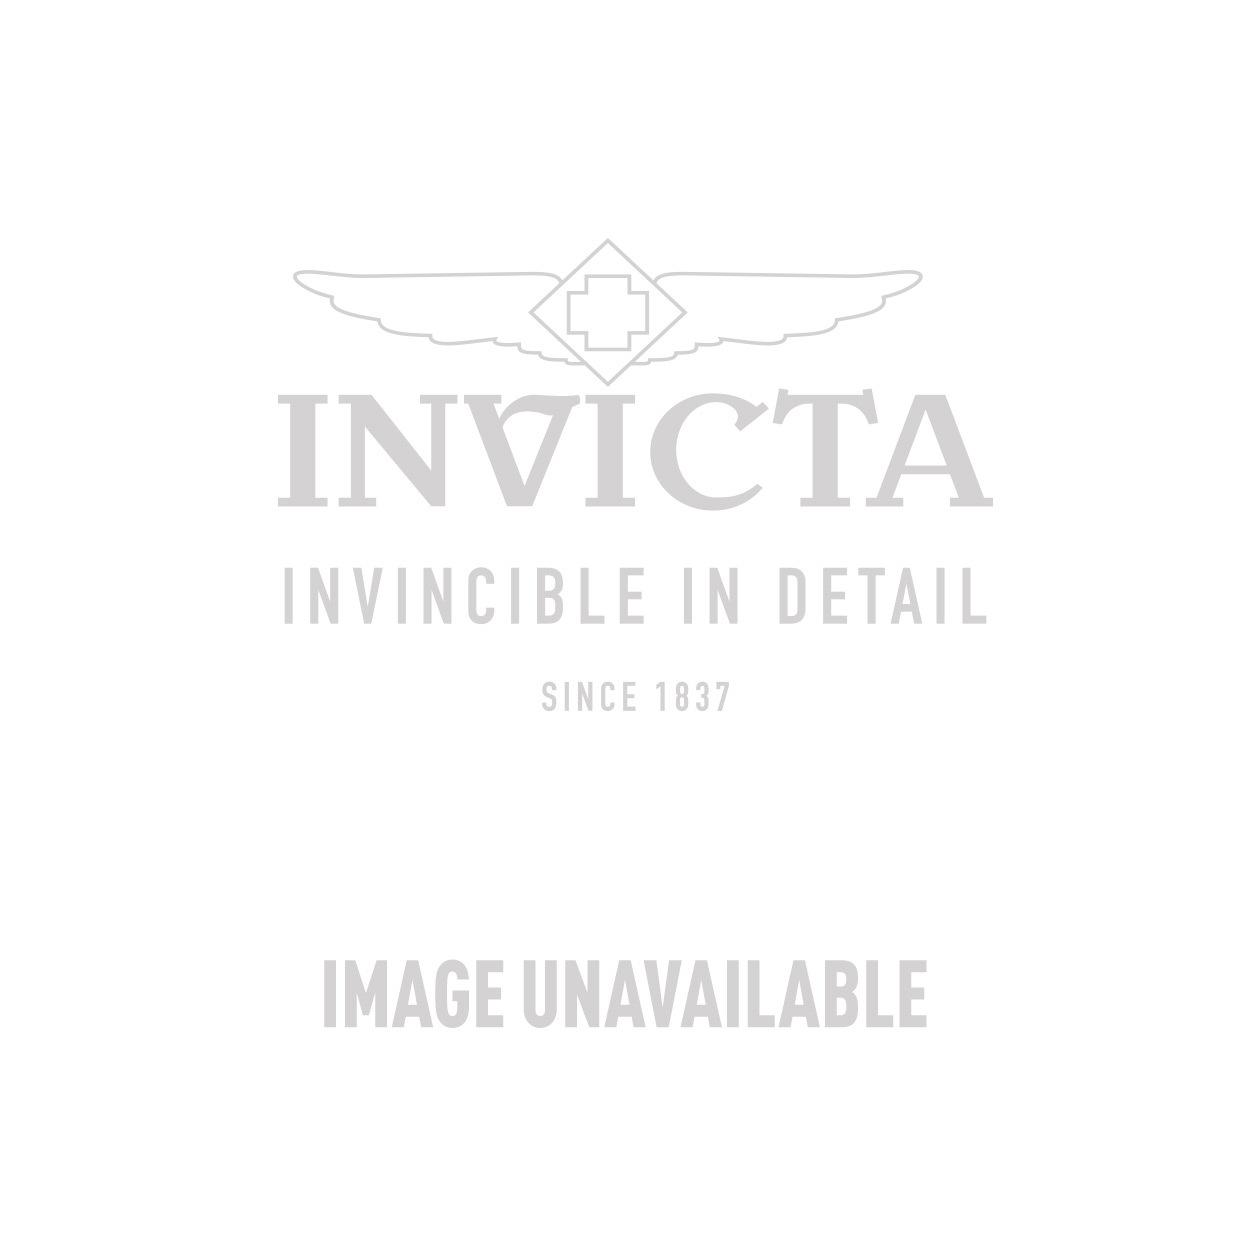 Invicta Model 27192